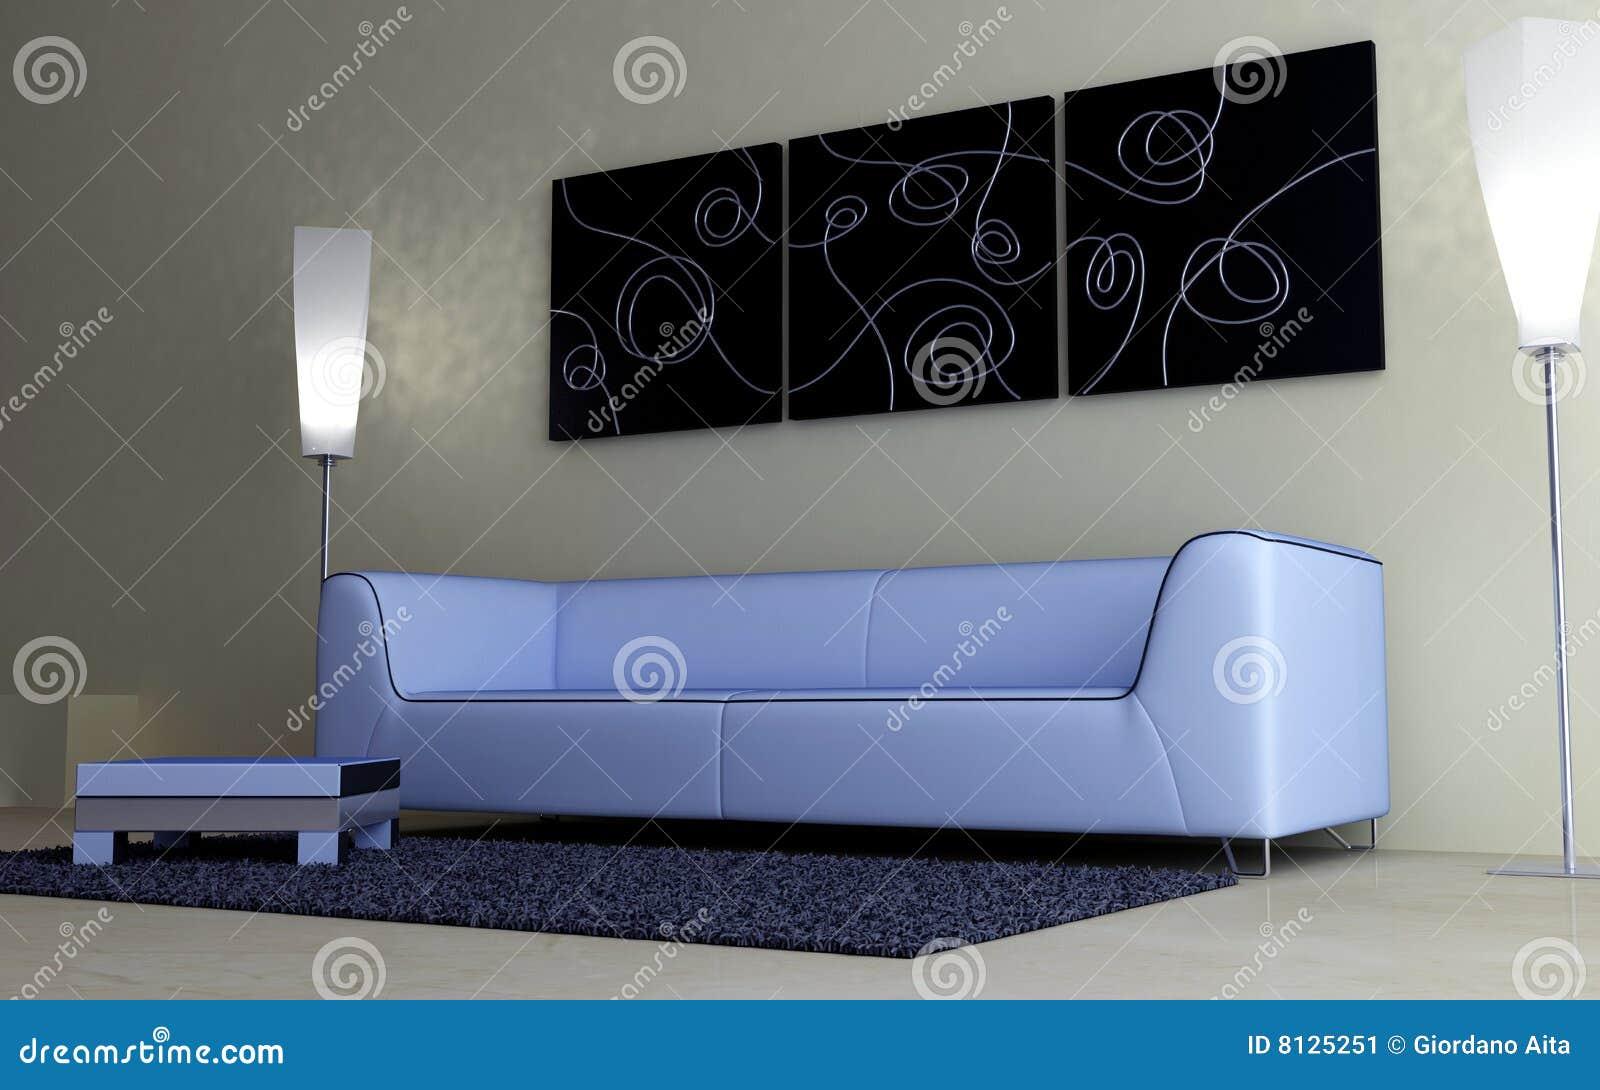 Disegno interno arredamento moderno immagine stock for Arredamento stock